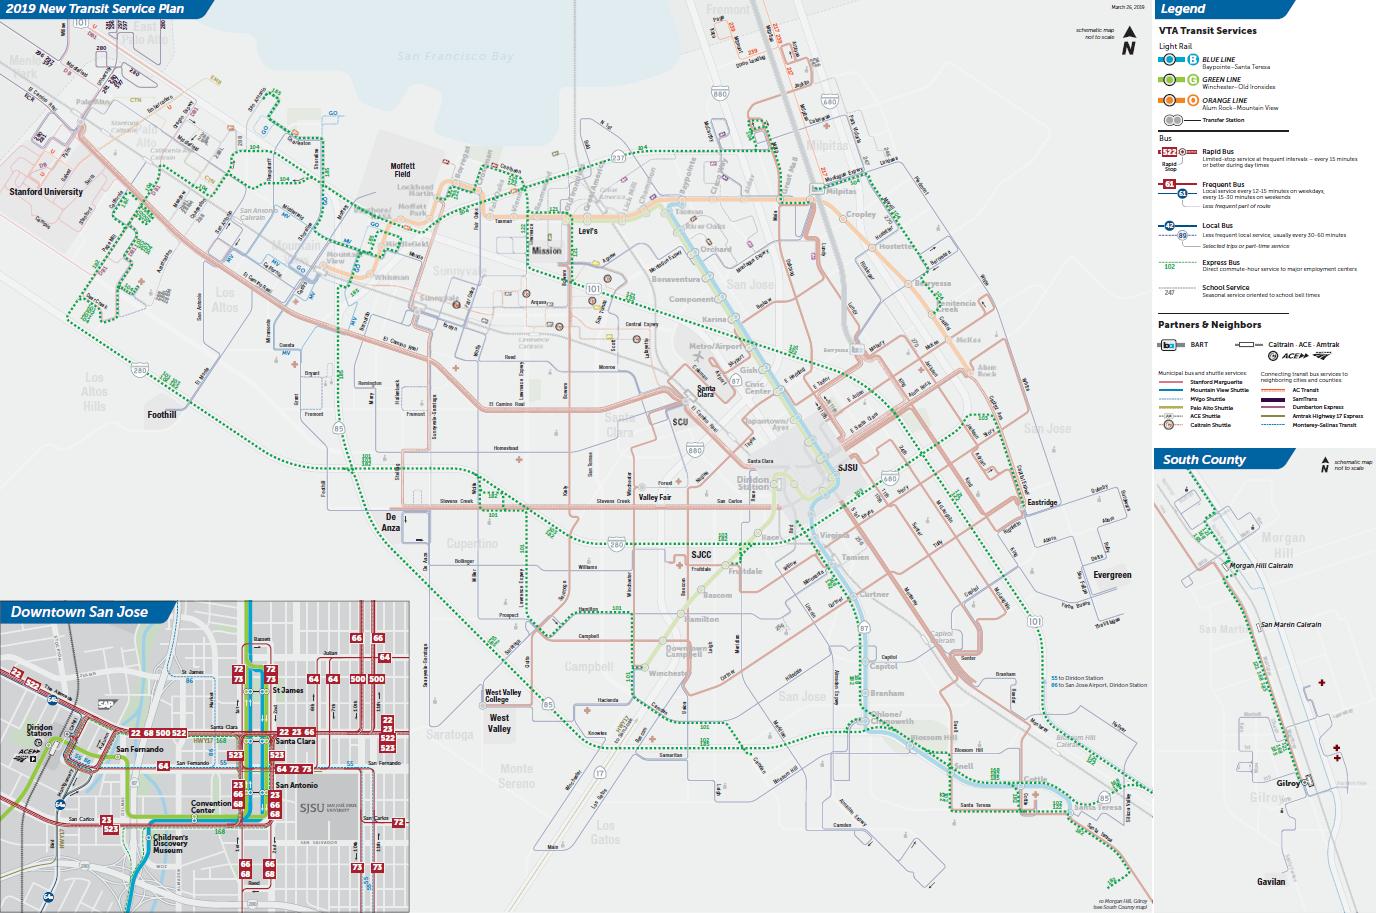 Mapa ng mga Express na Ruta sa Final na 2019 New Transit Service Plan ng VTA  (PDF)